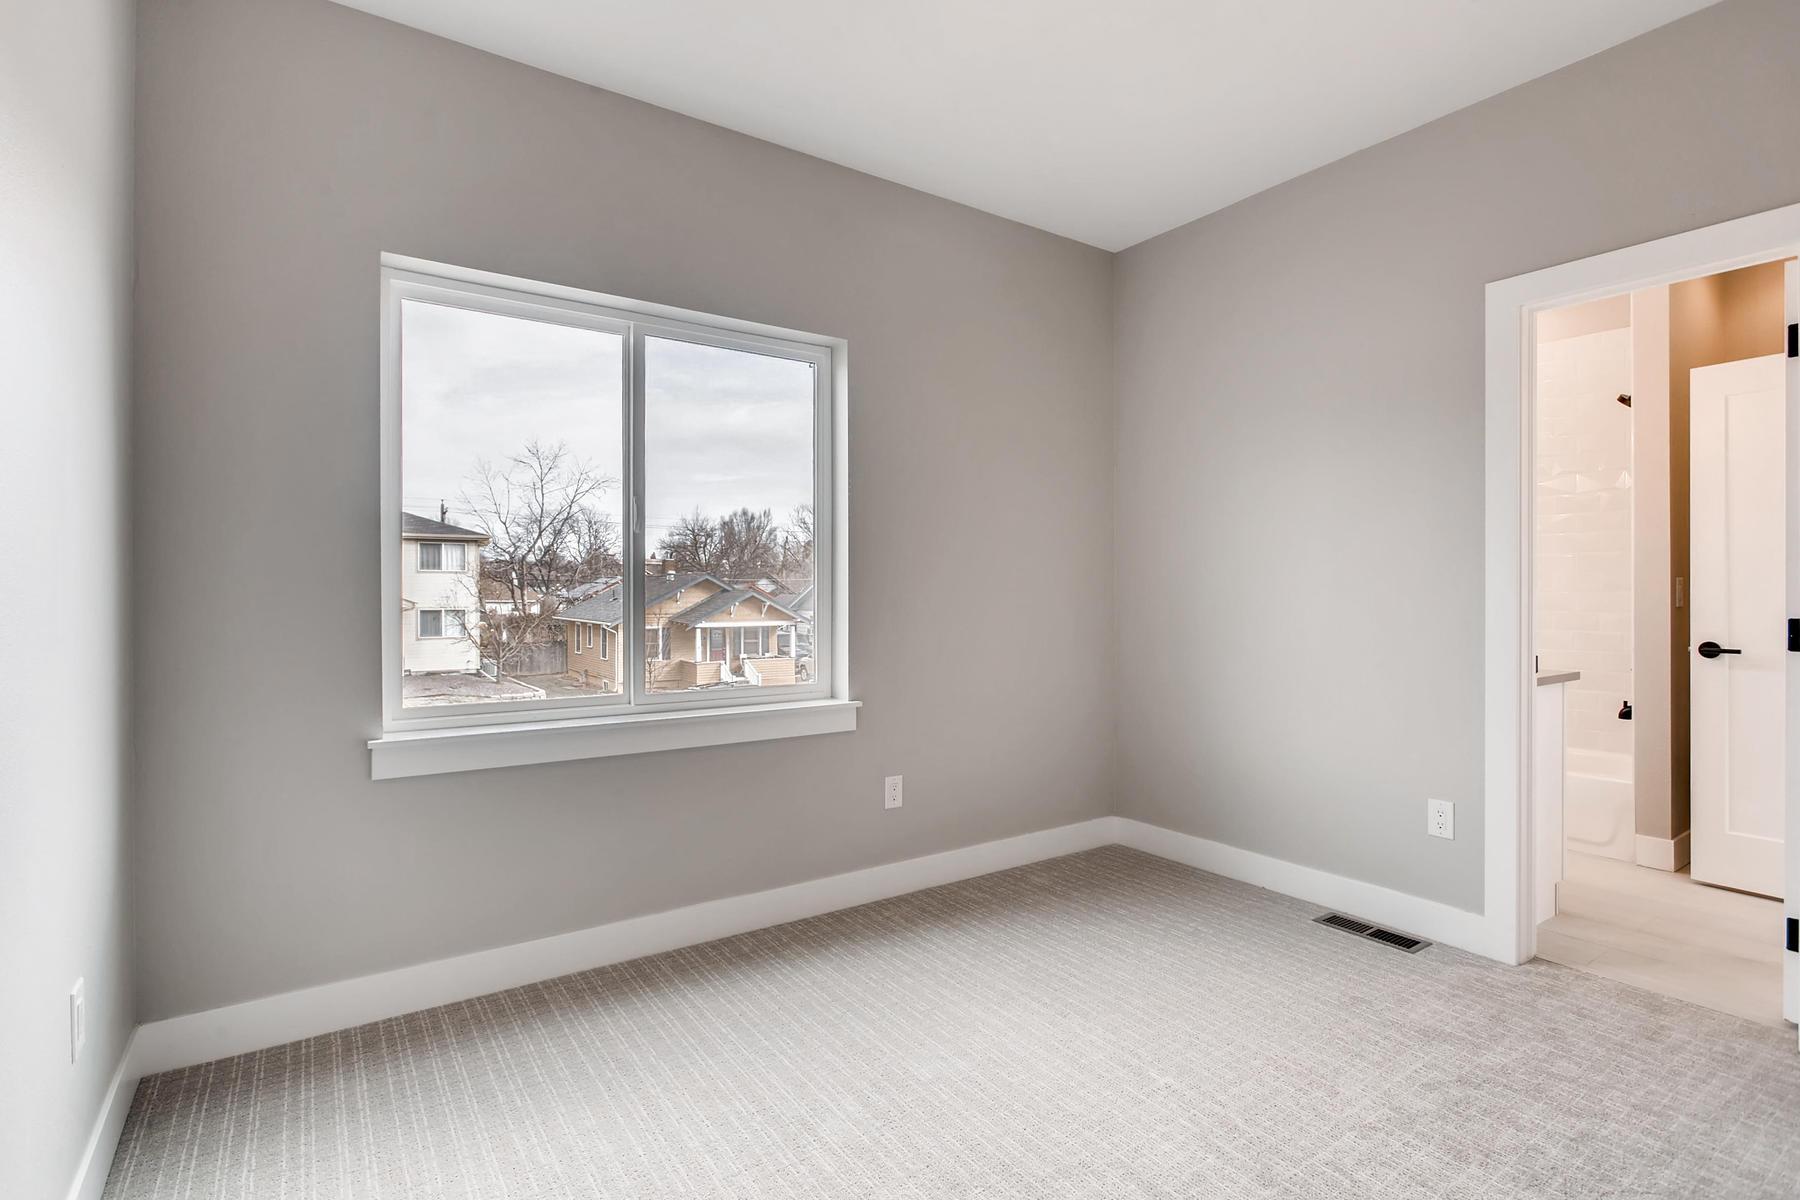 3101 S Cherokee St Englewood-022-19-2nd Floor Bedroom-MLS_Size.jpg